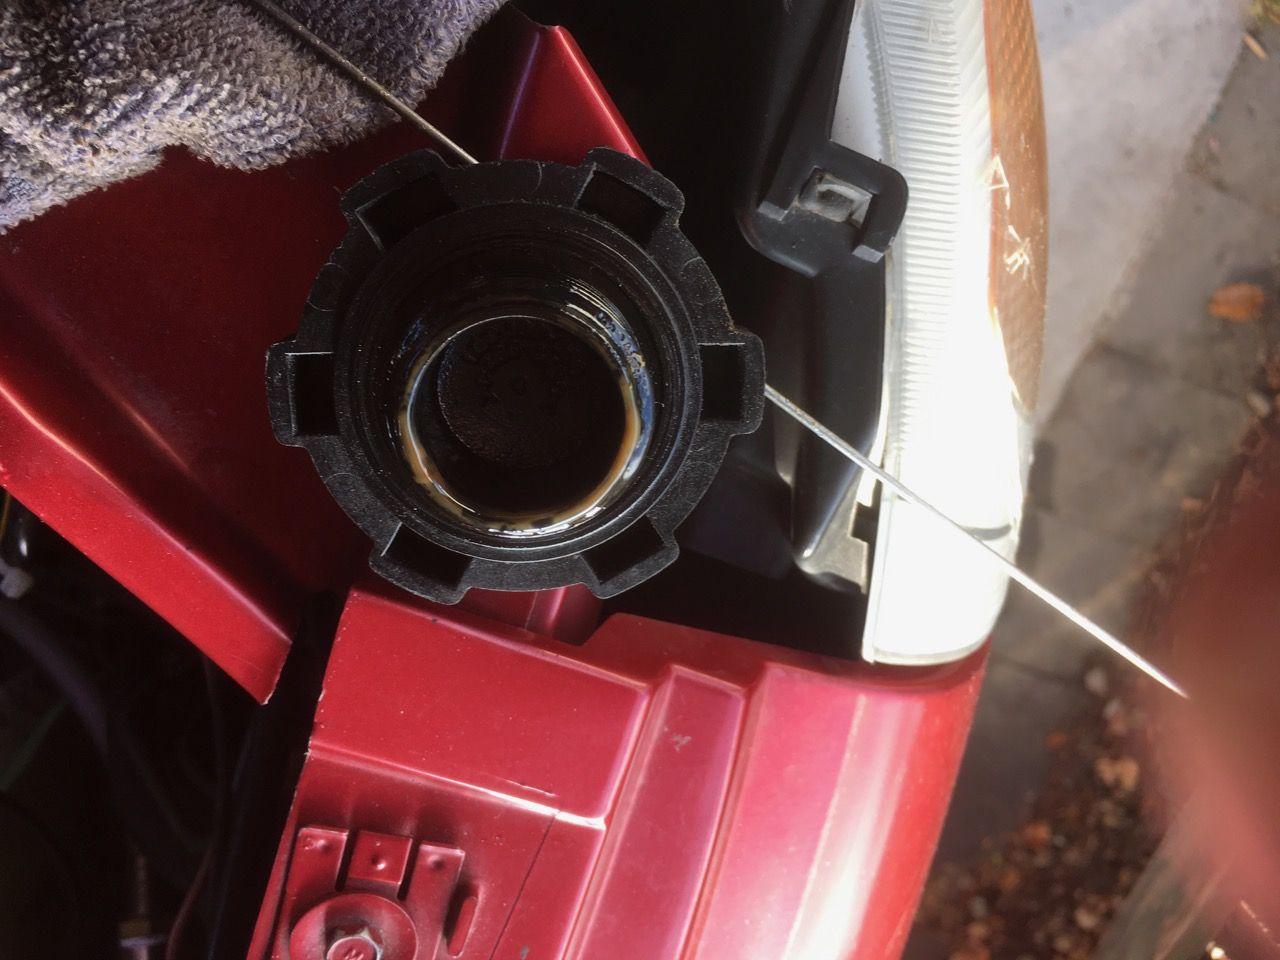 mayo on oil filler cap.jpg